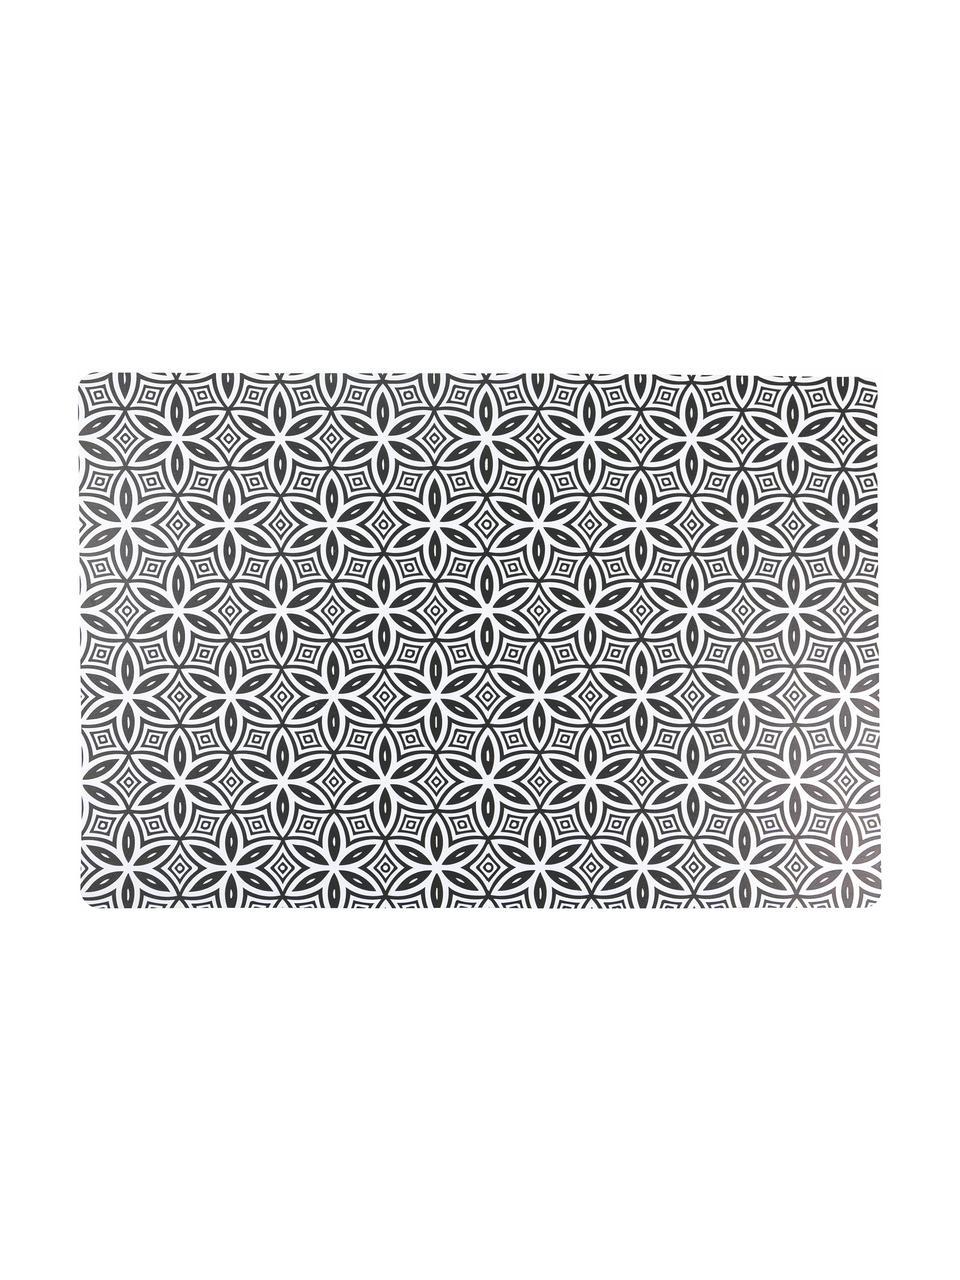 Kunststoff-Tischsets Deco Life, 6er Set, PVC-Kunststoff, Schwarz, Grau, 30 x 45 cm